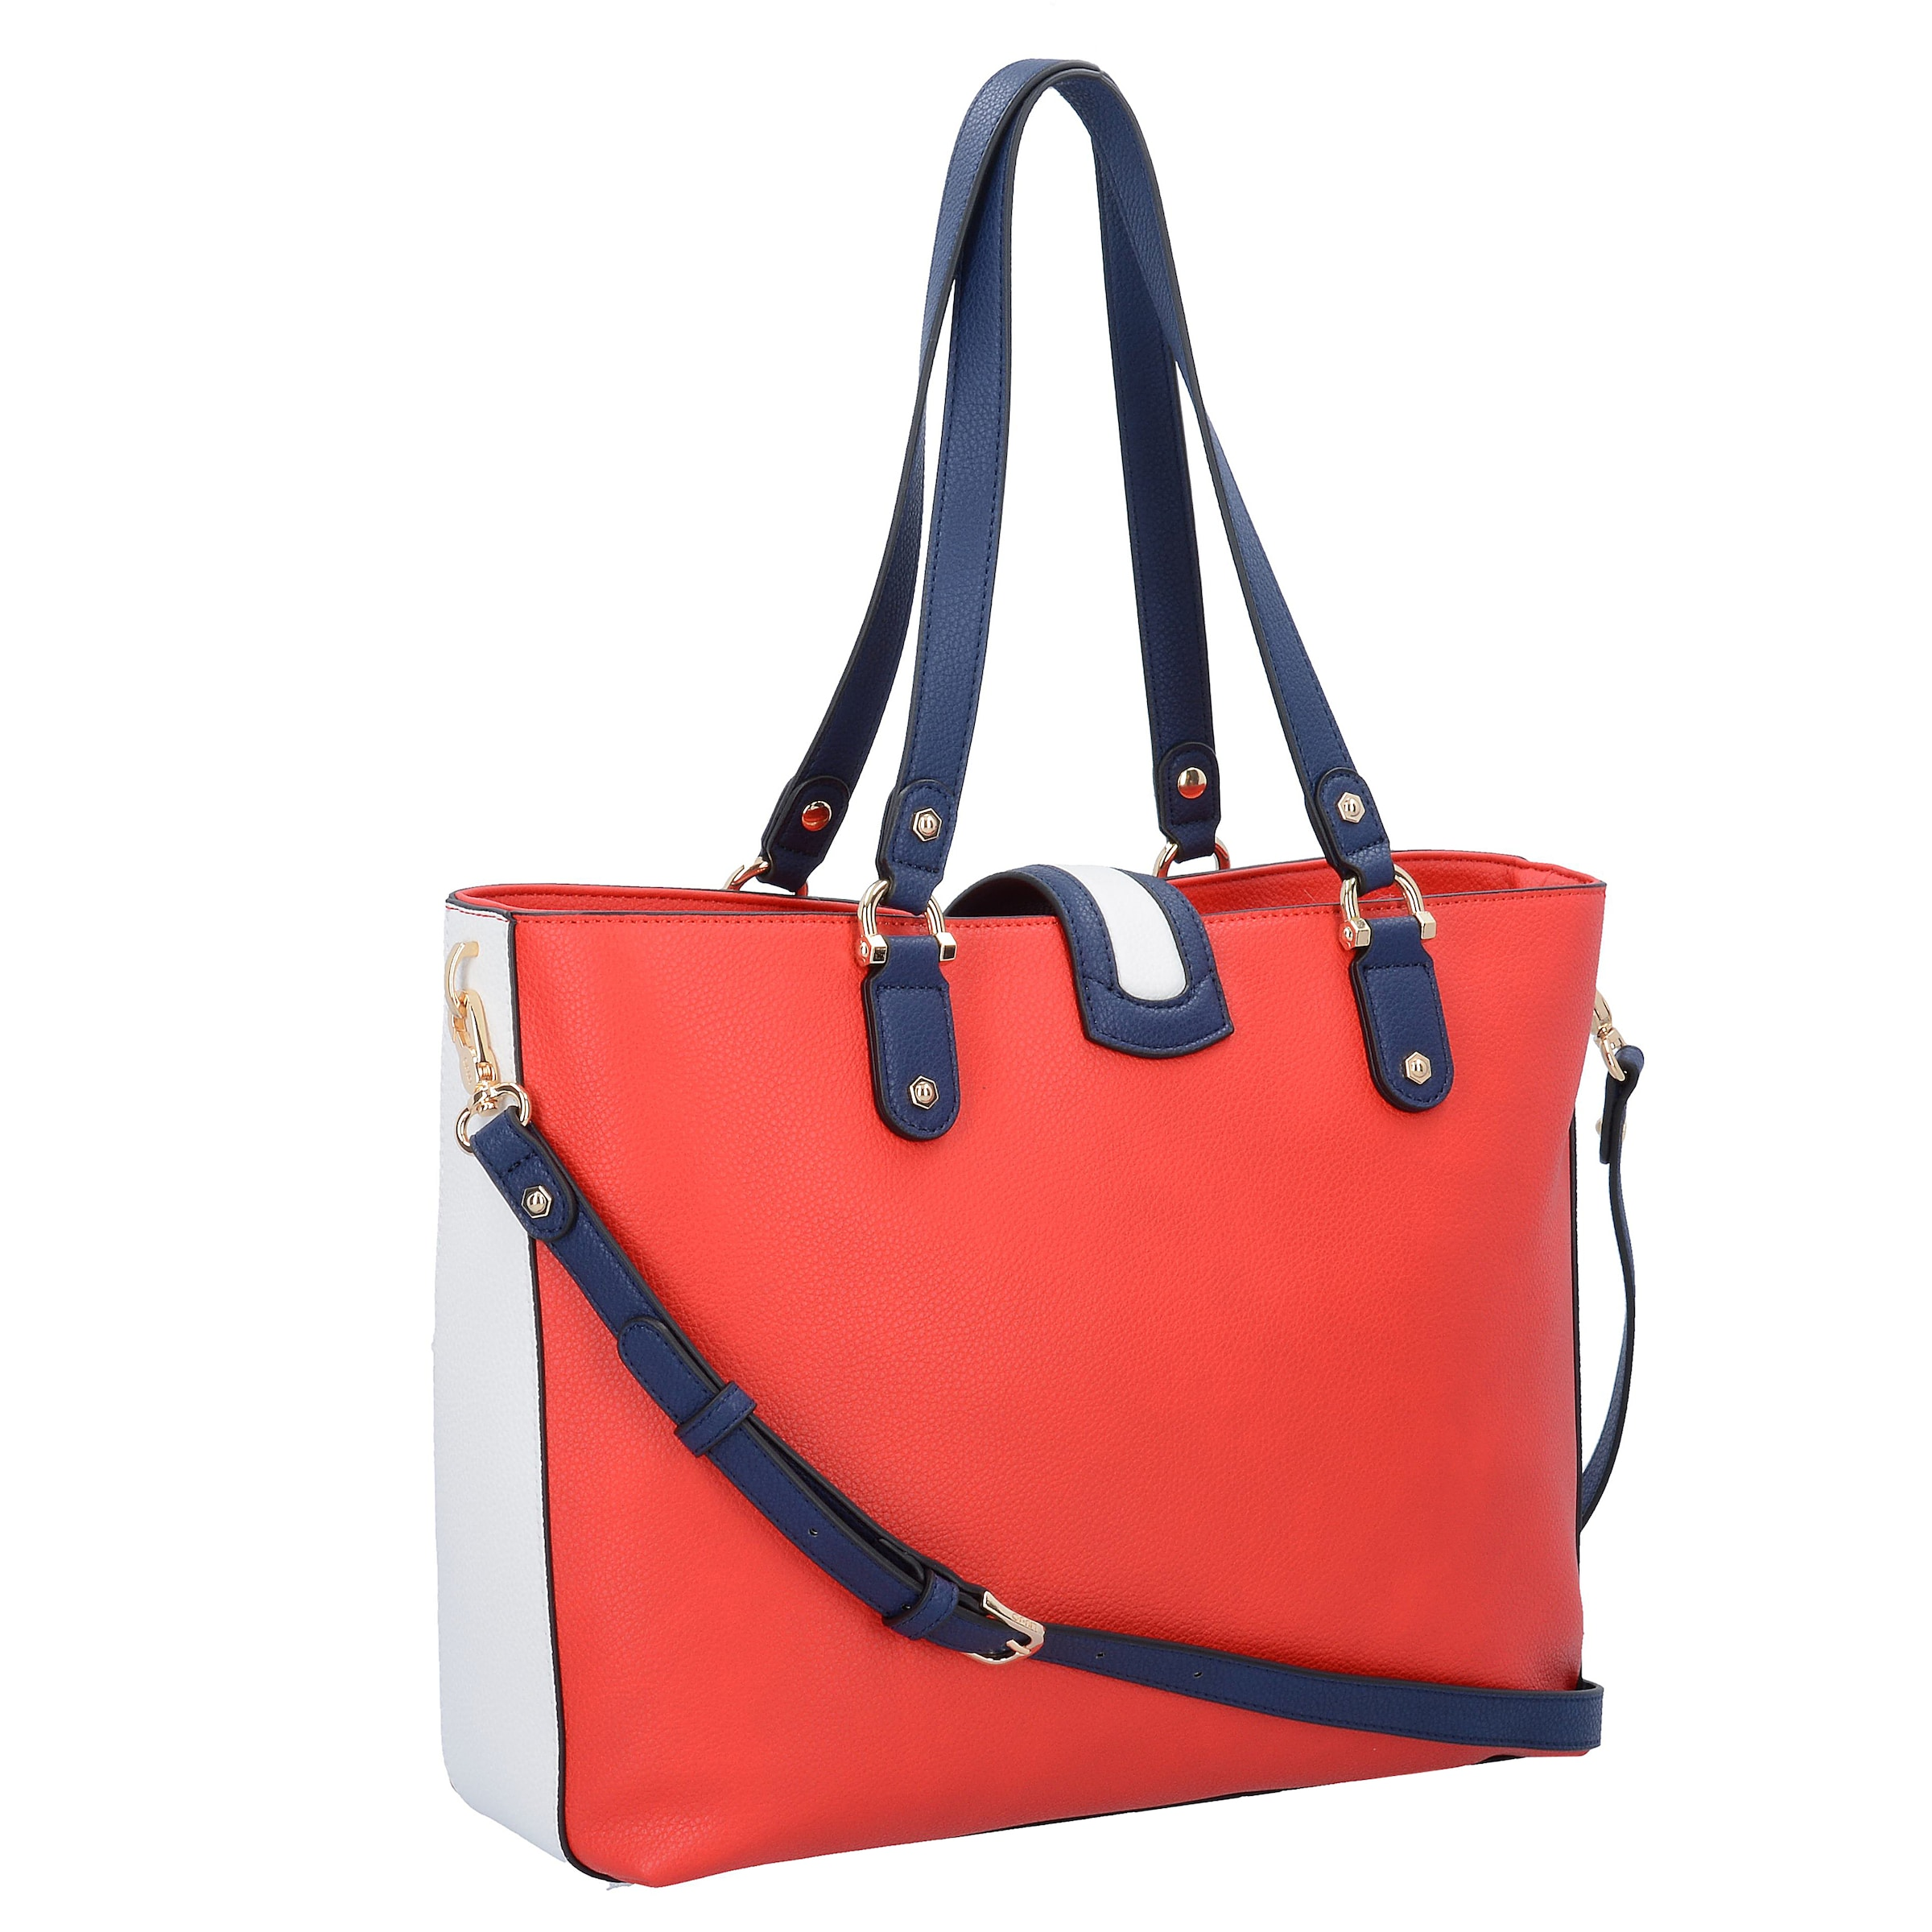 Besuchen Neue Großer Rabatt Zum Verkauf Liu Jo 'Irvine' Shopper Tasche 34 cm Billig Verkaufen Kaufen Billig Bester Großhandel Spielraum Fälschung 45RMHr